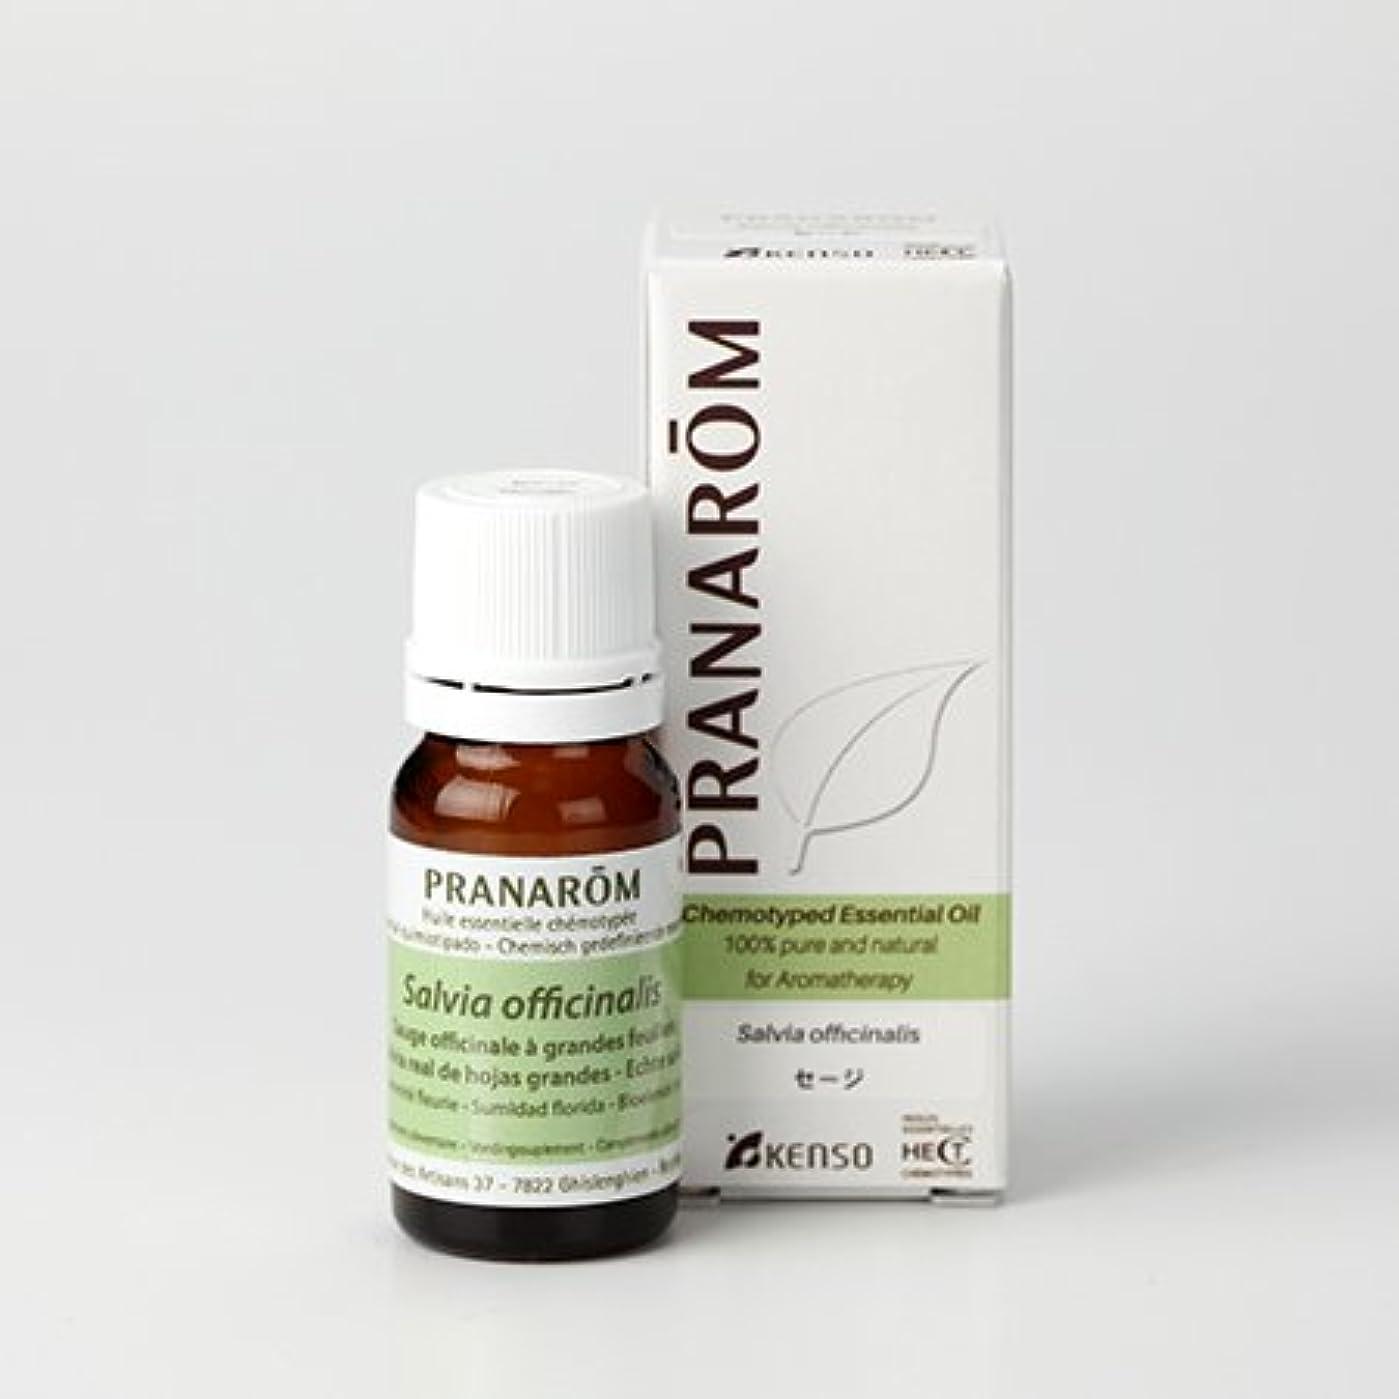 ソブリケットとは異なり同種の【セージ 10ml】→樟脳のようなハッキリとした香り?(リフレッシュハーブ系)[PRANAROM(プラナロム)精油/アロマオイル/エッセンシャルオイル]P-164